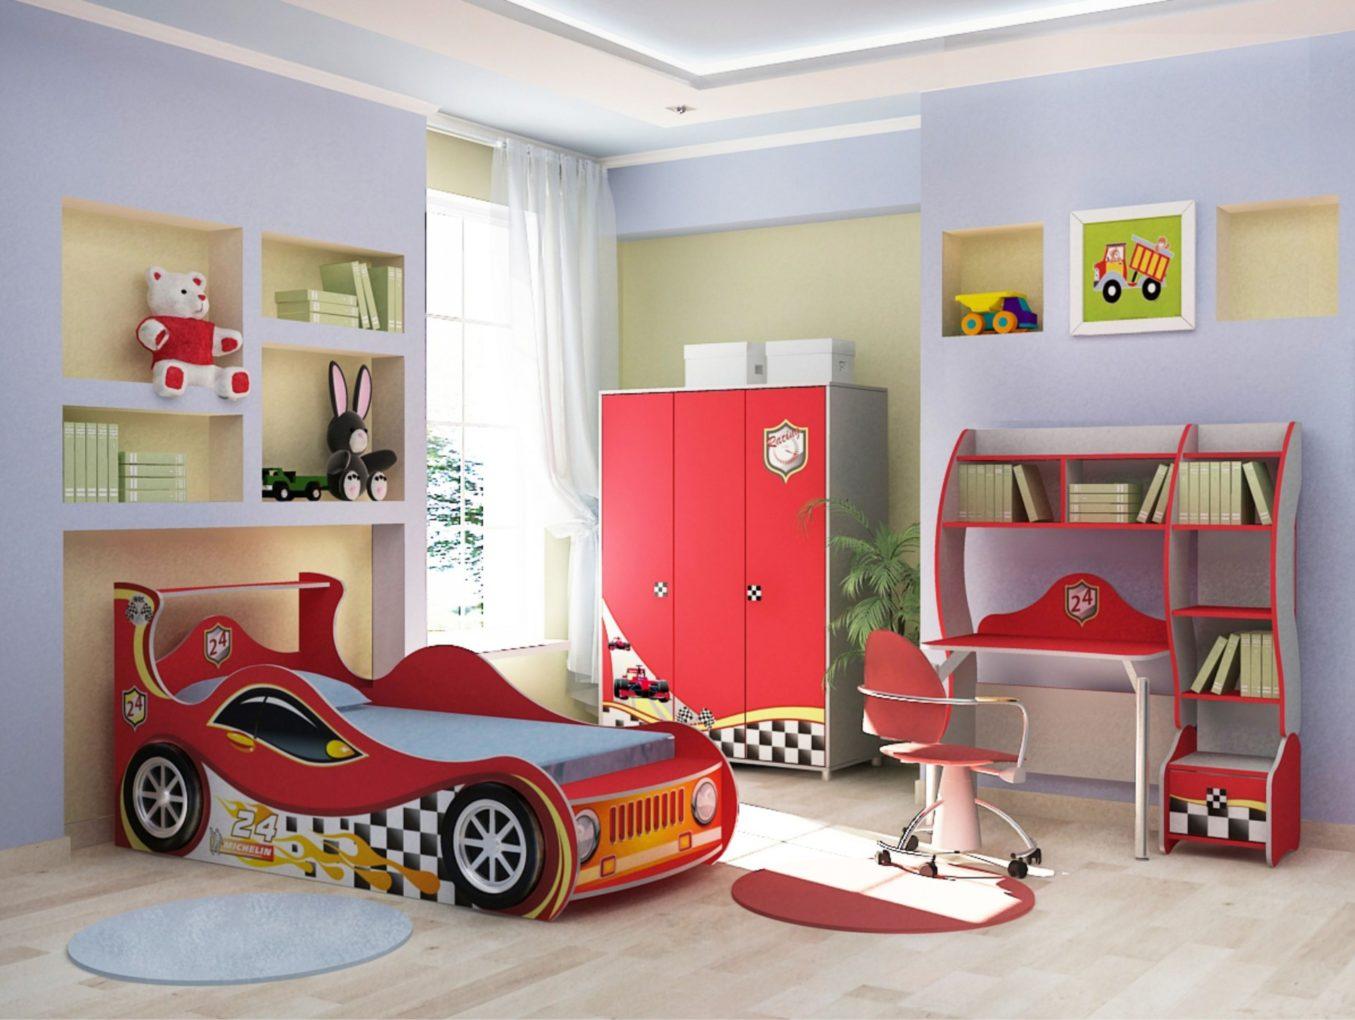 Как выбрать безопасную детскую мебель?